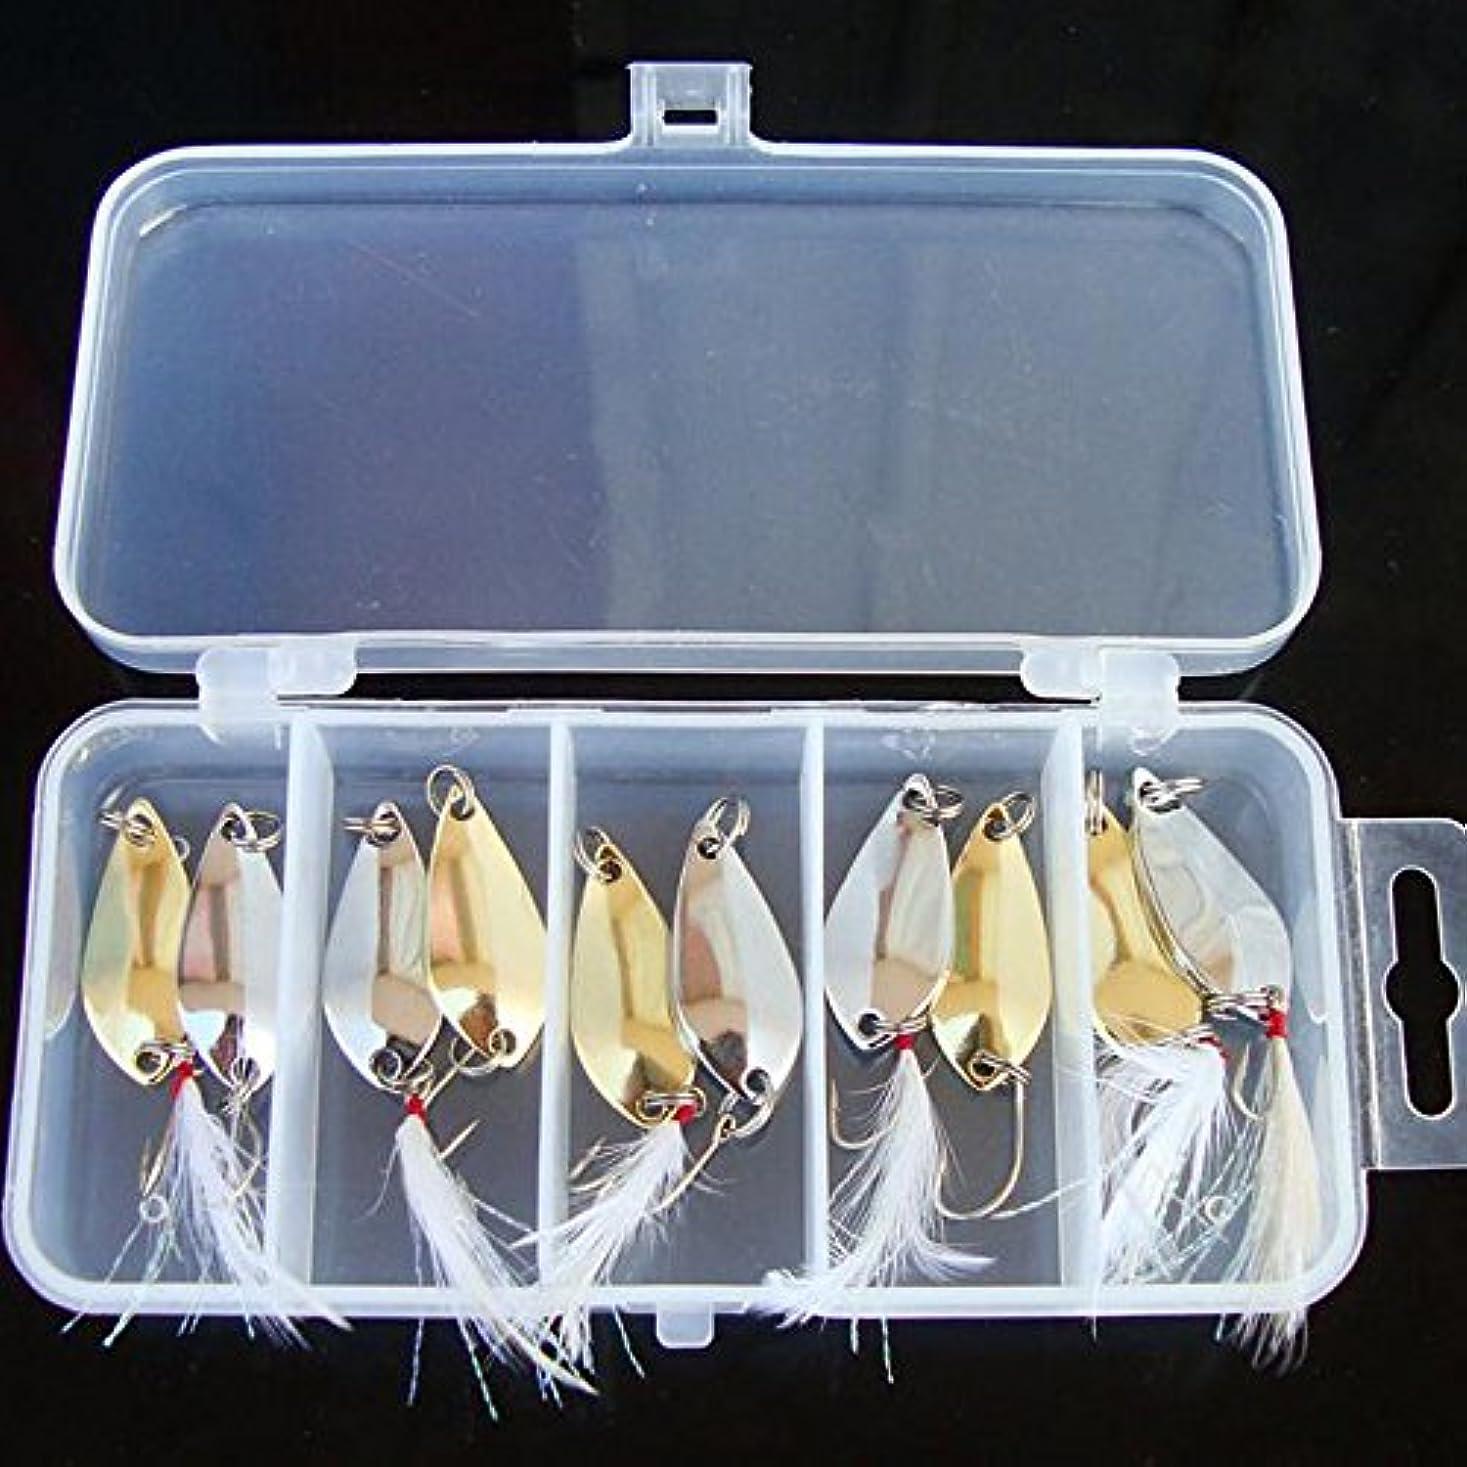 トークミルク職人AGadget釣りスプーンの海水淡水釣りキットタックルボックス10個入り2.5 – 5 g